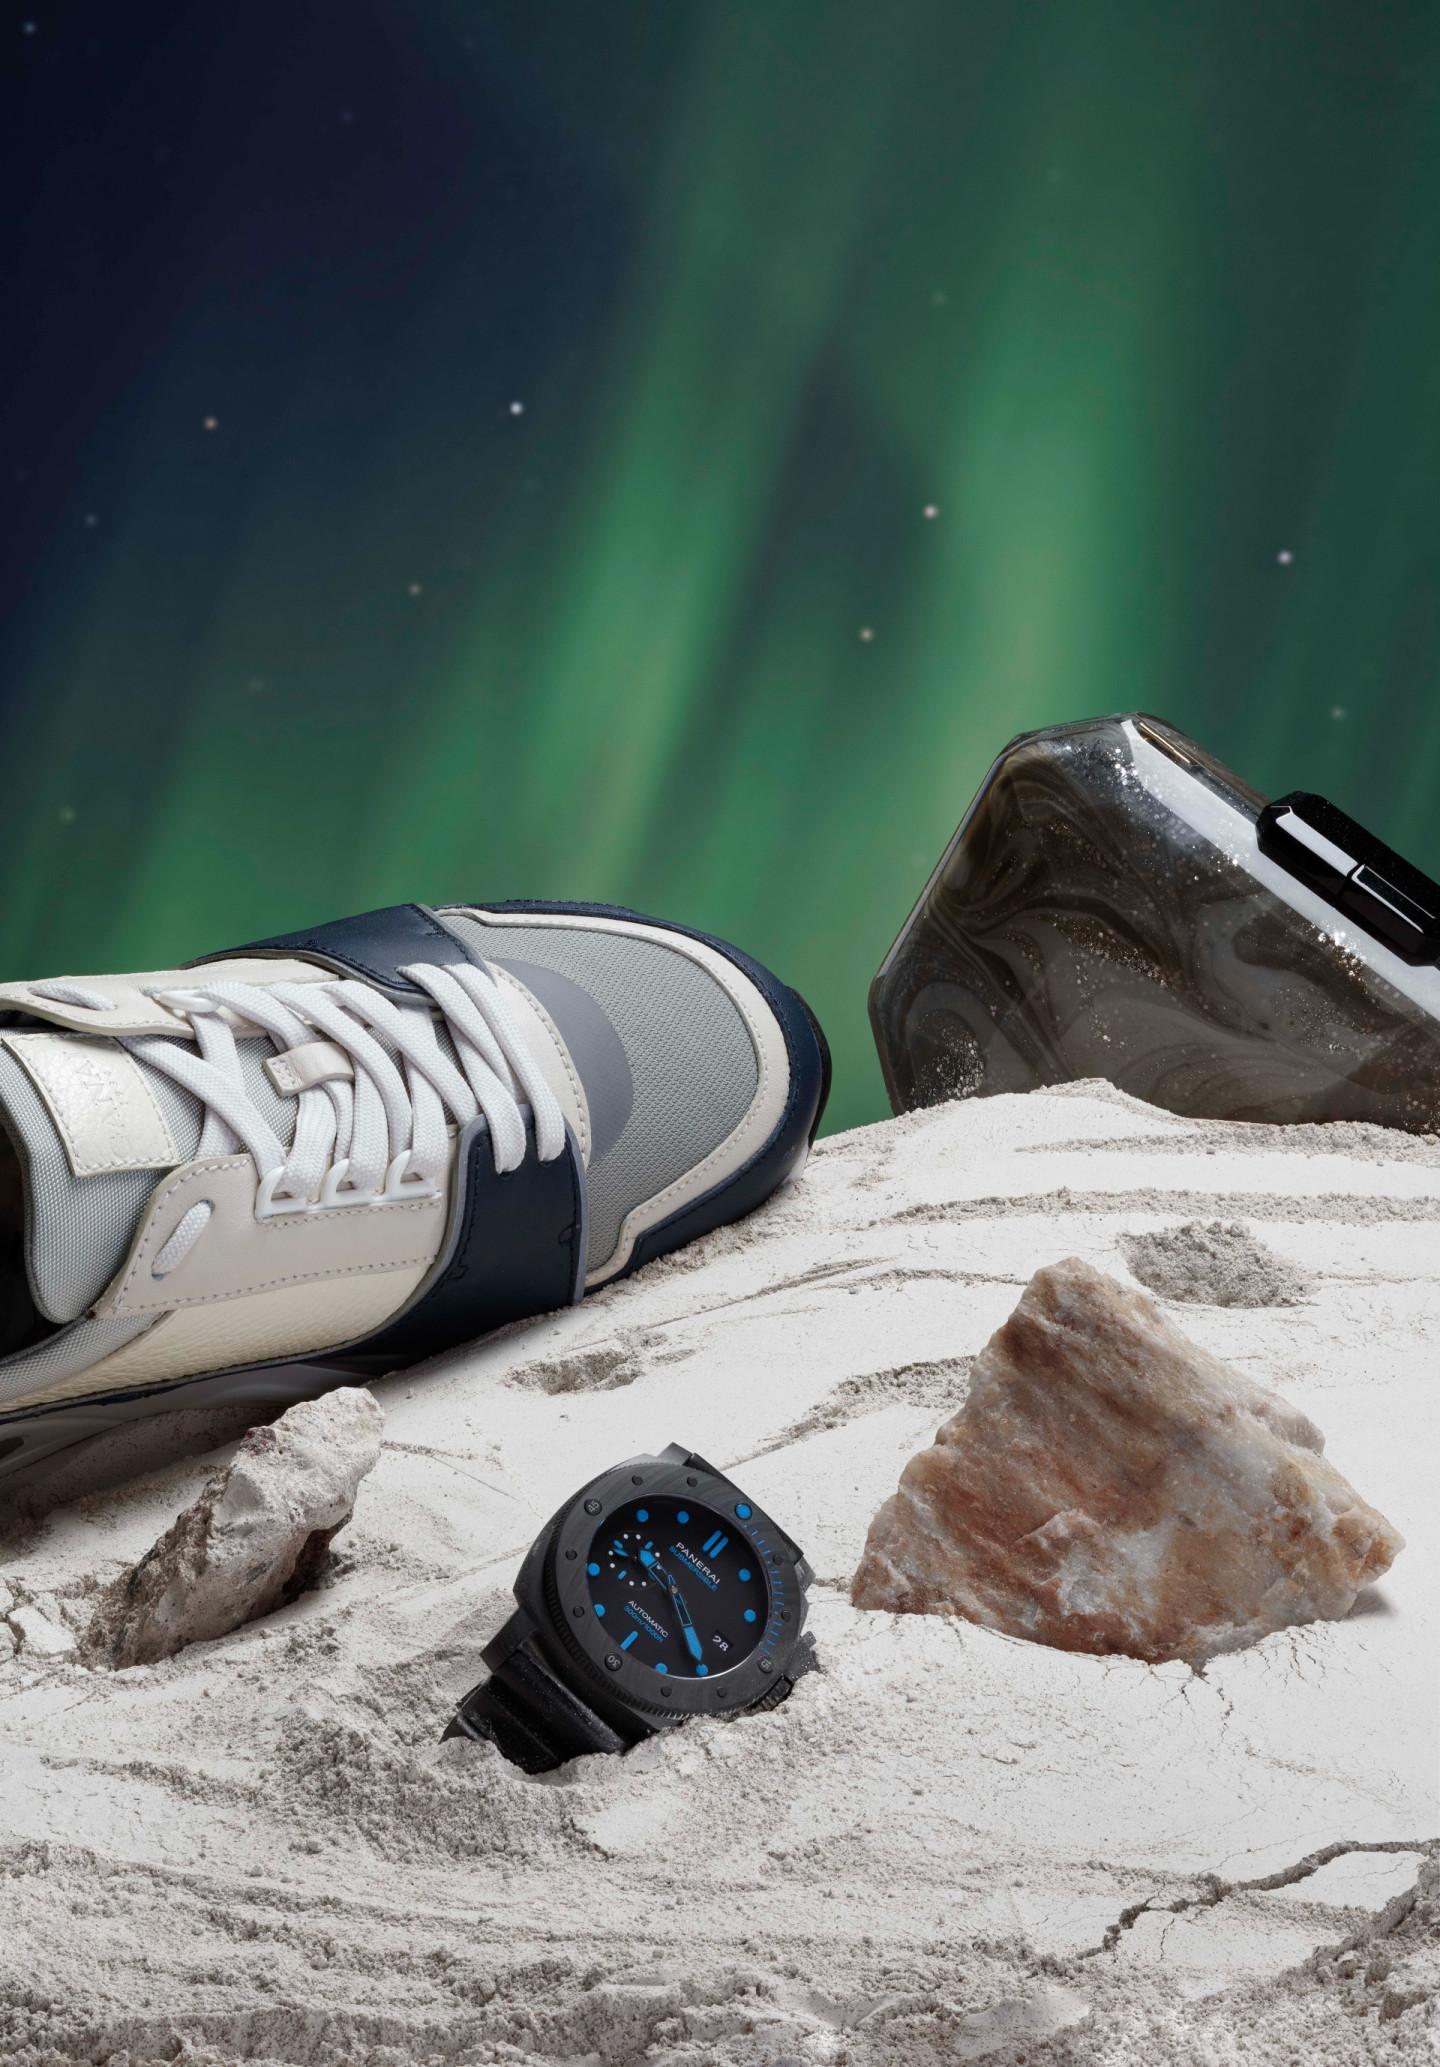 Кроссовки Canali (ЦУМ); клатч Giorgio Armani (бутик Giorgio Armani); часы Submersible Carbotech, Panerai (бутик Panerai)